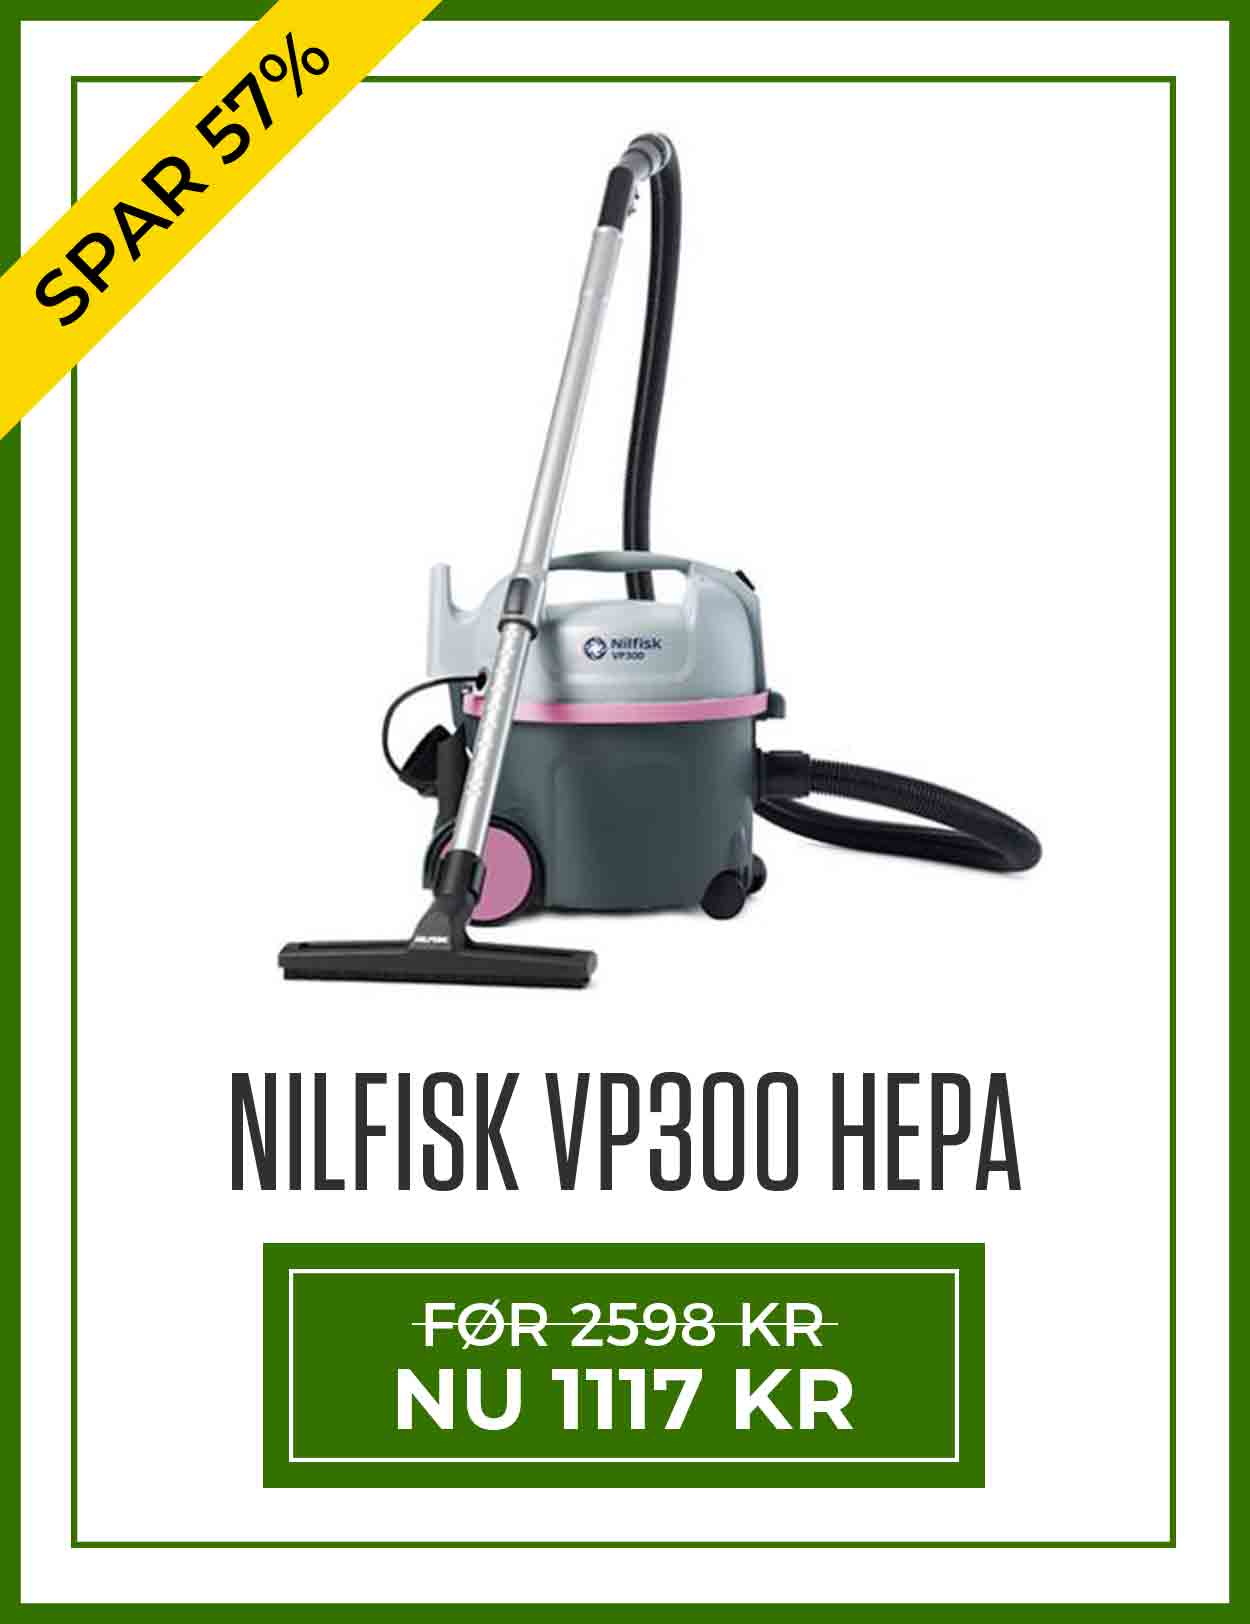 Tilbud på Nilfisk Støvsuger VP300 HEPA NORDIC PINK